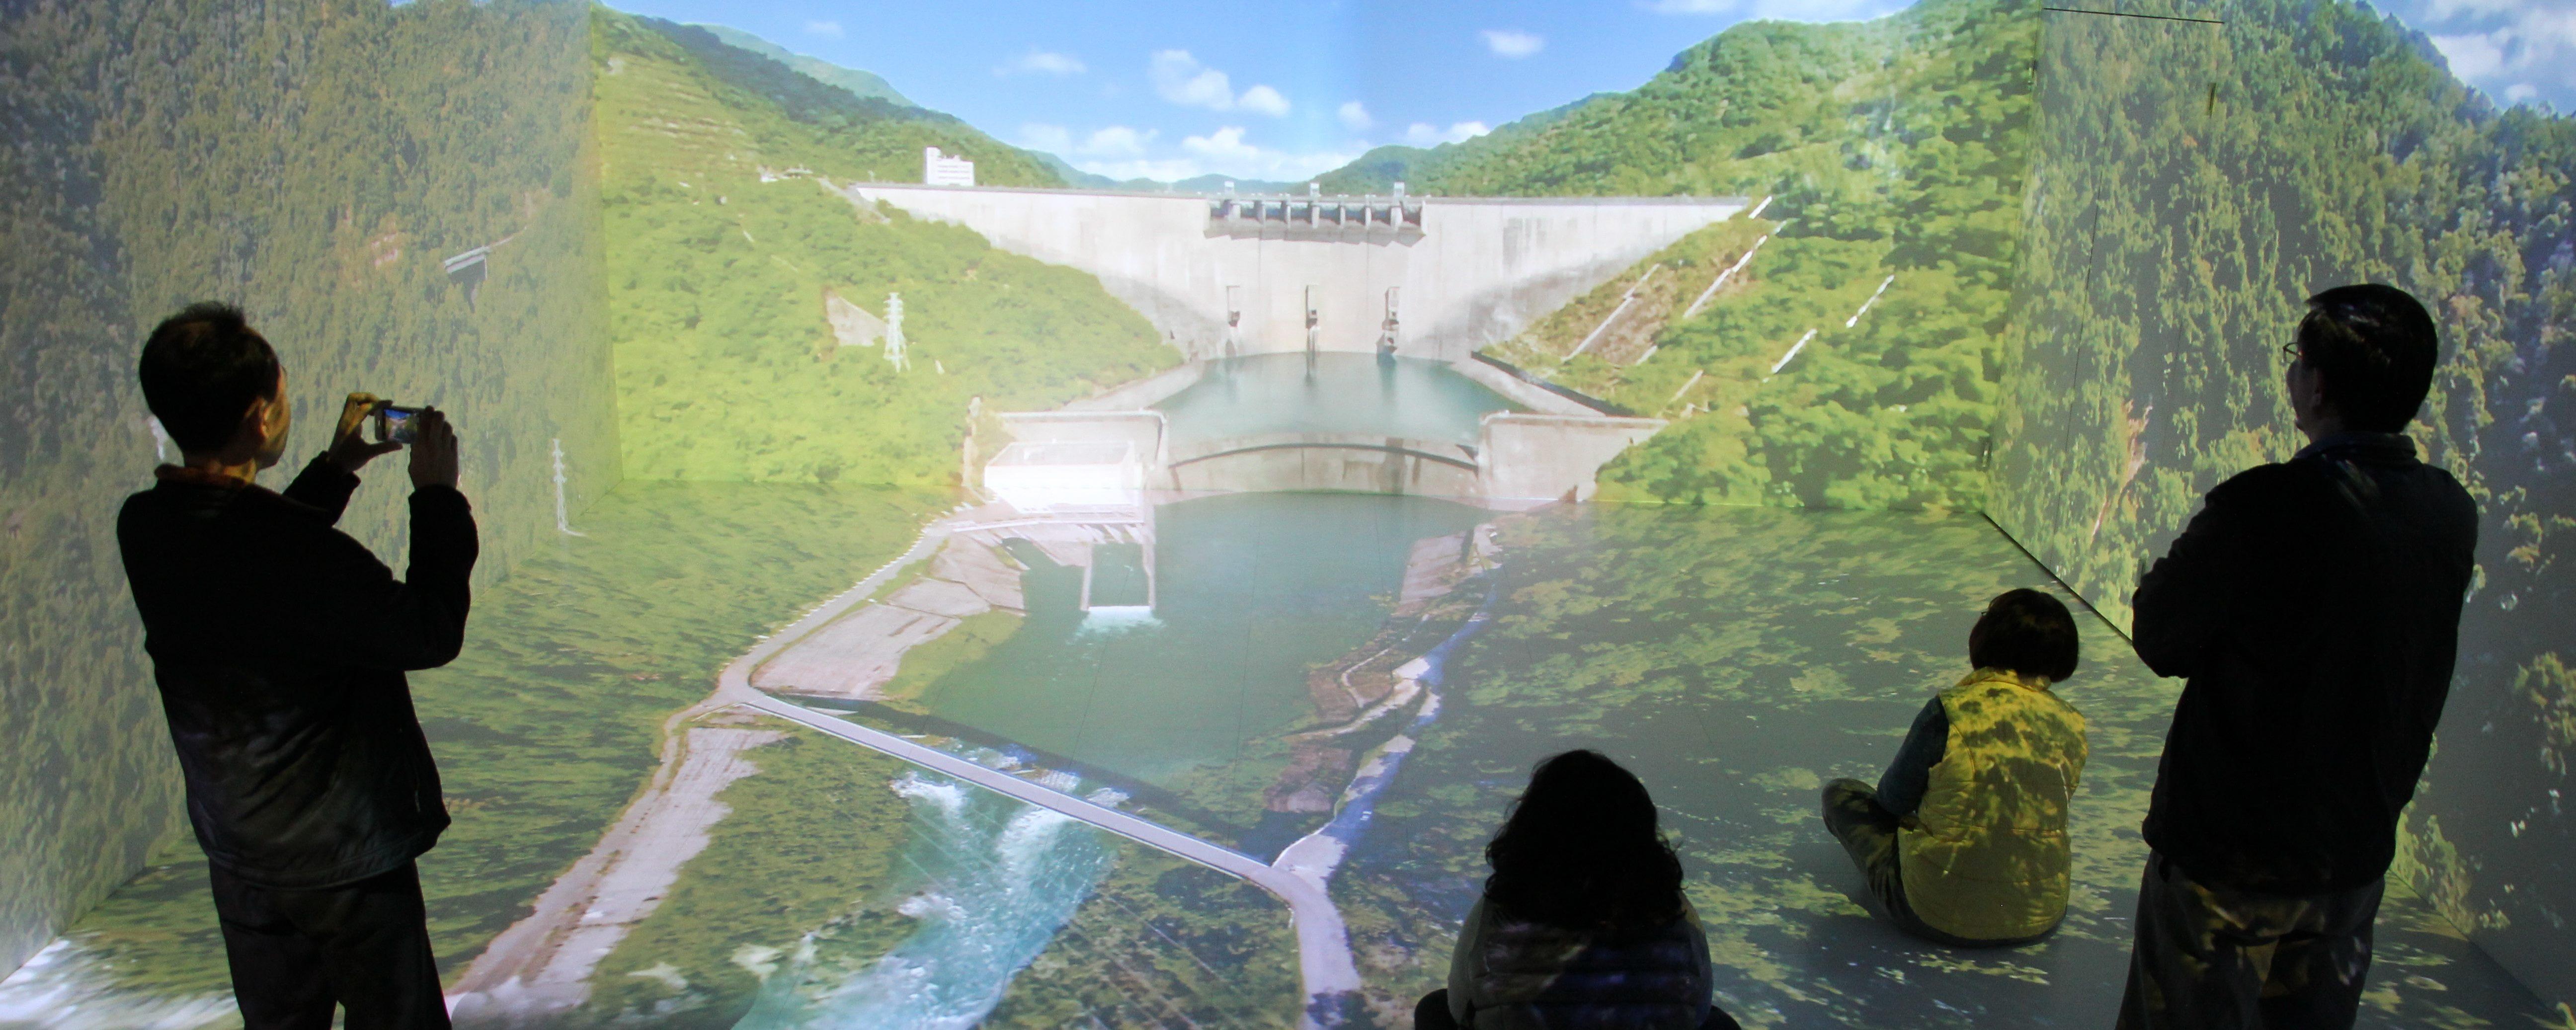 翡翠水庫水域虛擬實境(VR)導覽體驗